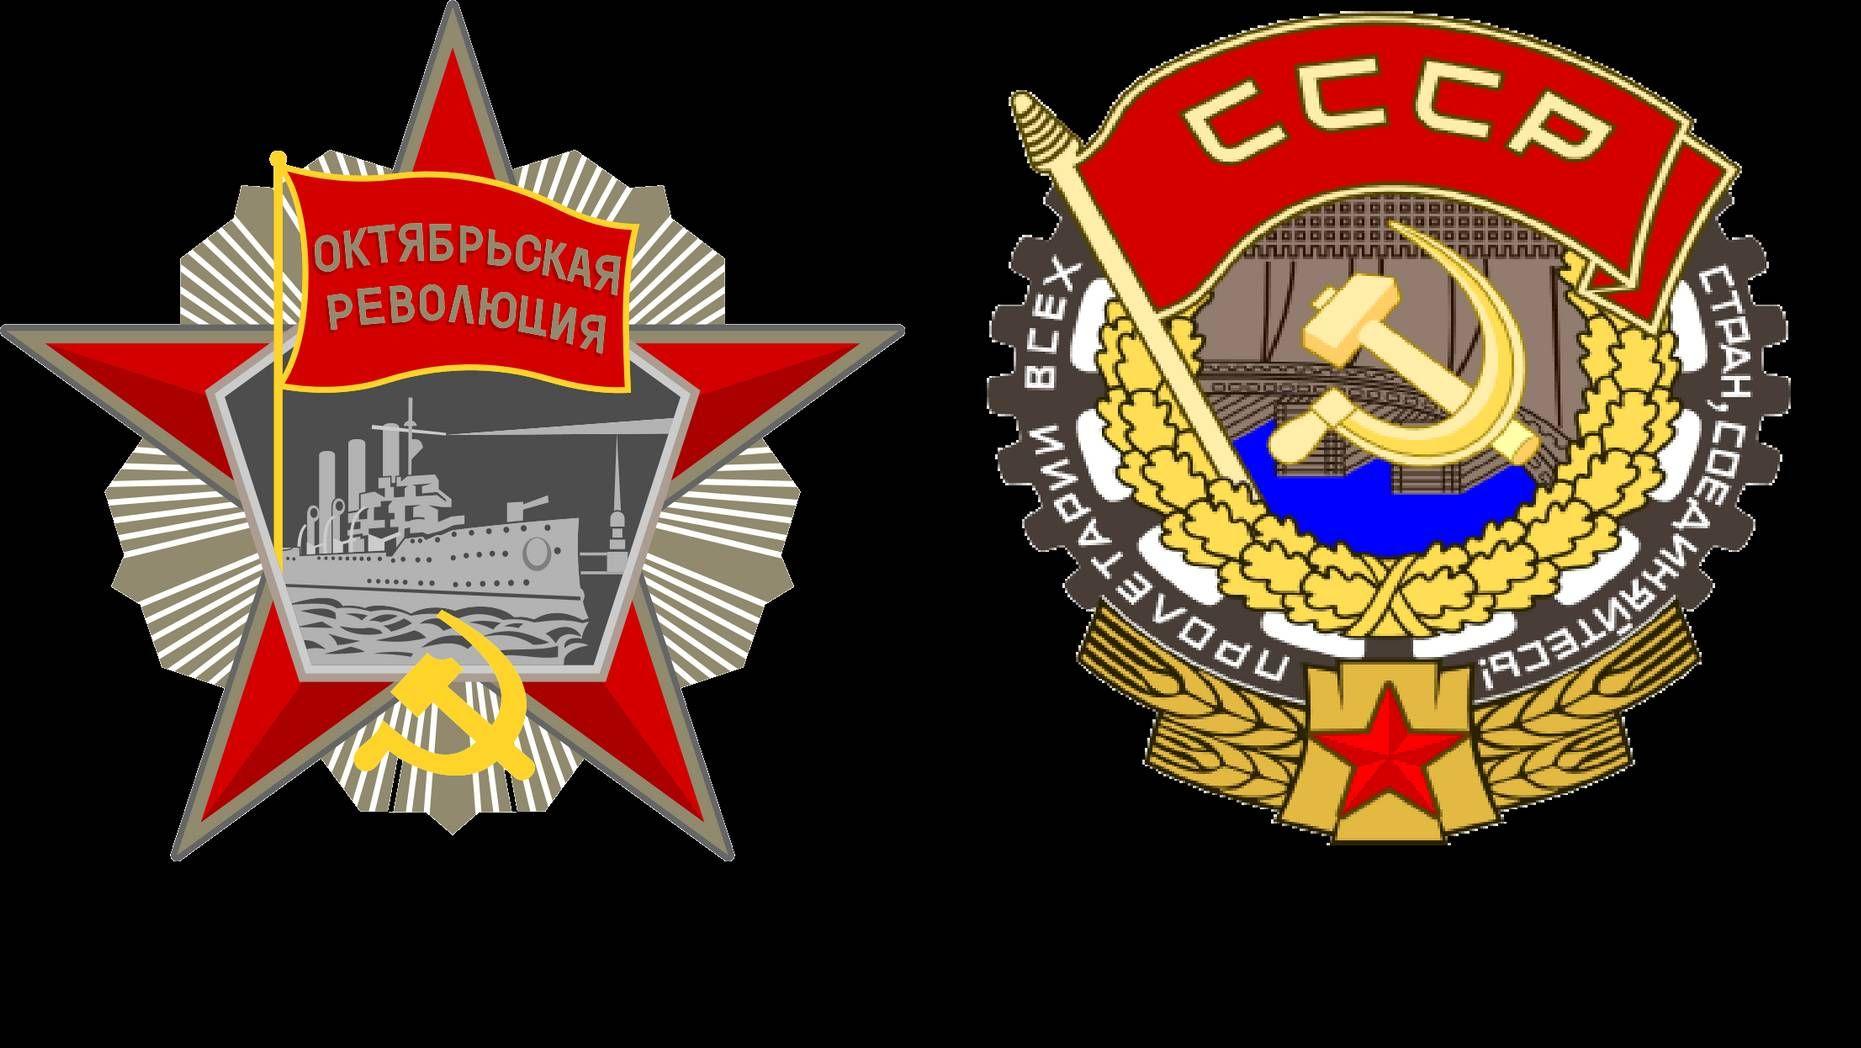 Ордена Октябрьской Революции и Трудового Красного Знамени